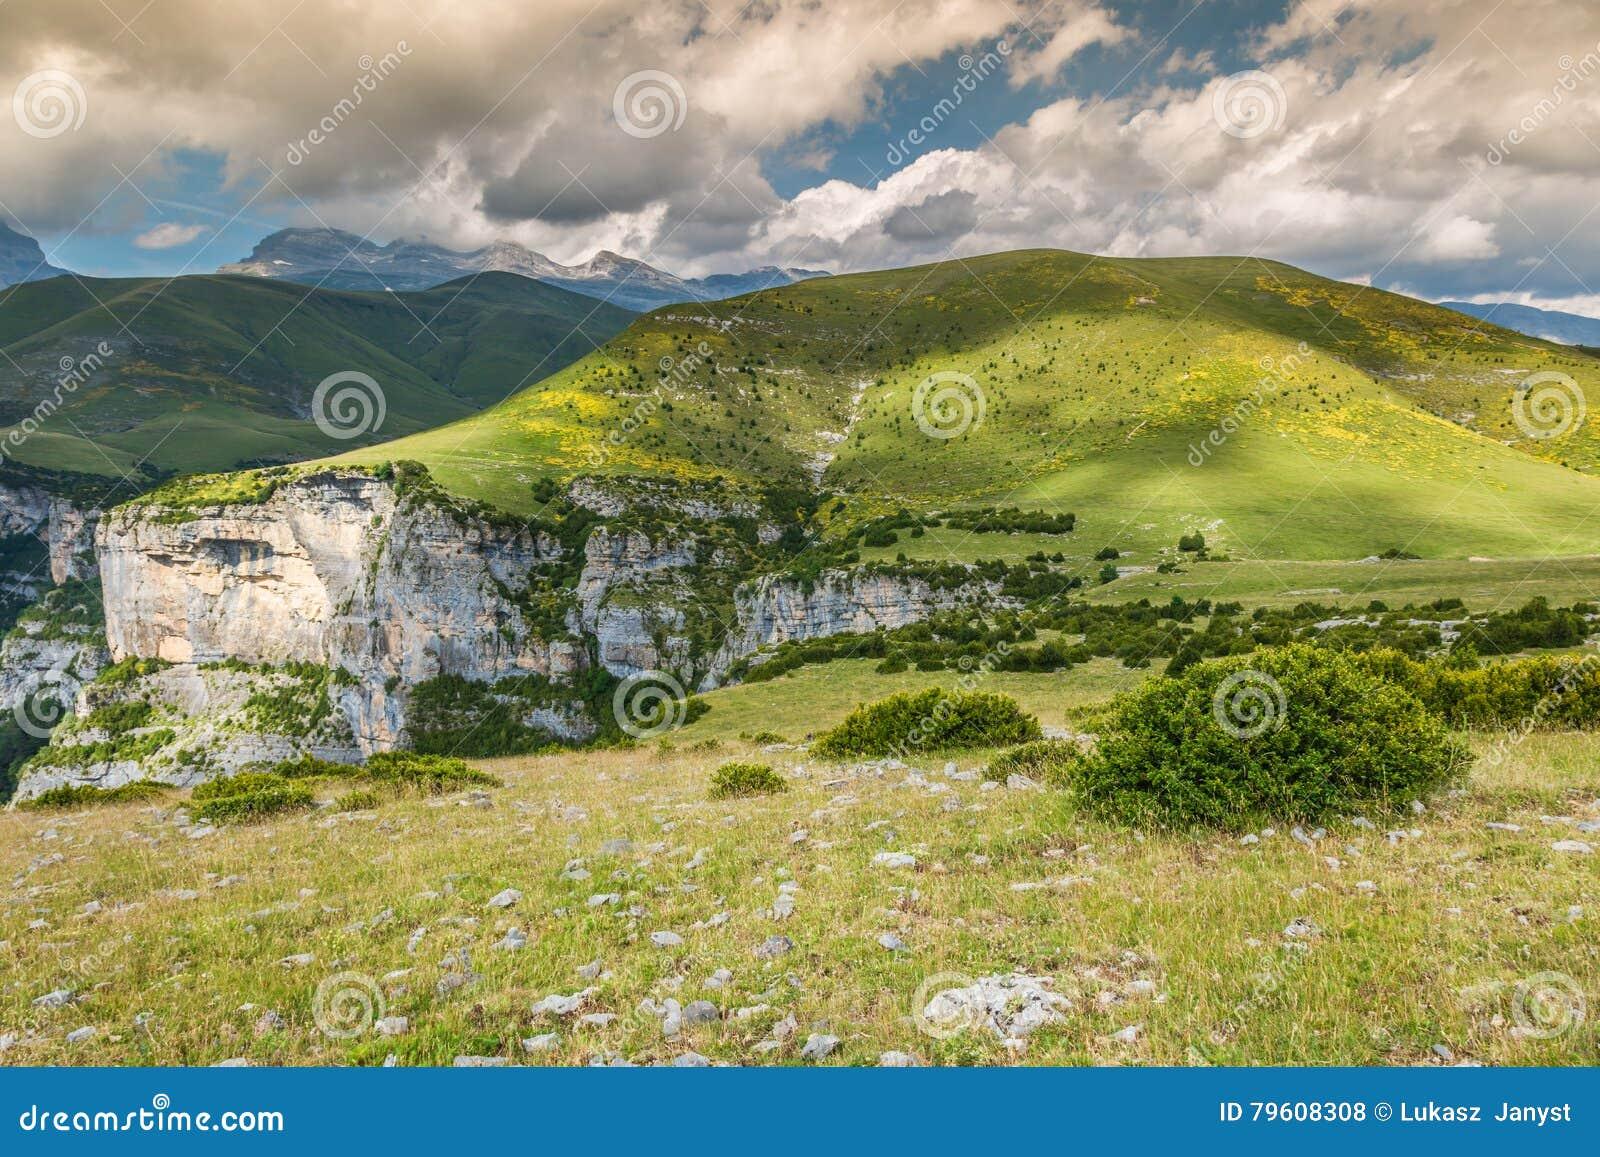 Garganta de Anisclo em Parque Nacional Ordesa y Monte Perdido, termas